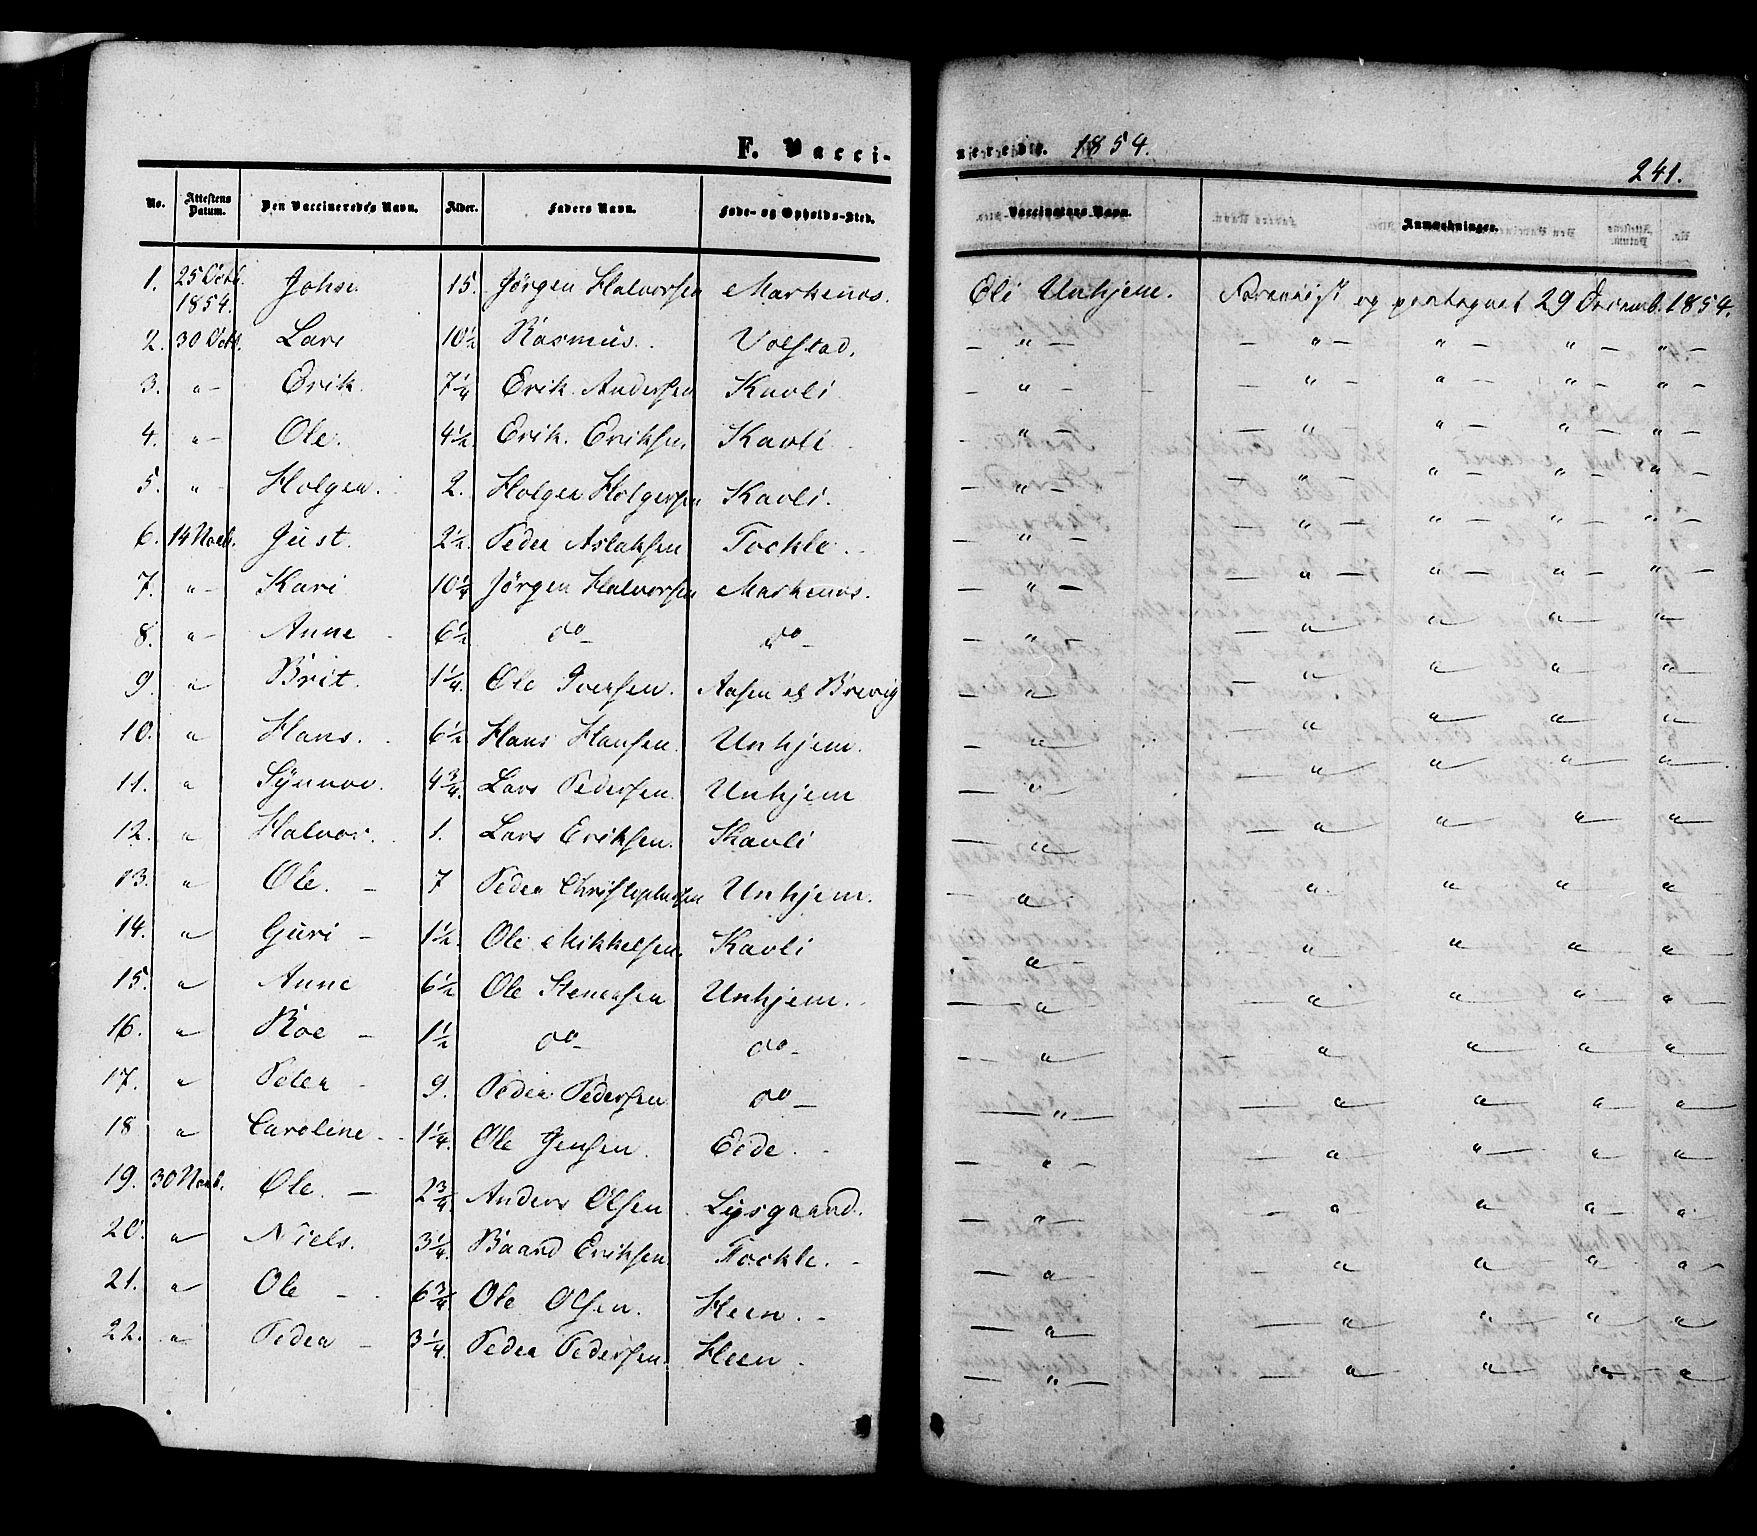 SAT, Ministerialprotokoller, klokkerbøker og fødselsregistre - Møre og Romsdal, 545/L0586: Parish register (official) no. 545A02, 1854-1877, p. 241